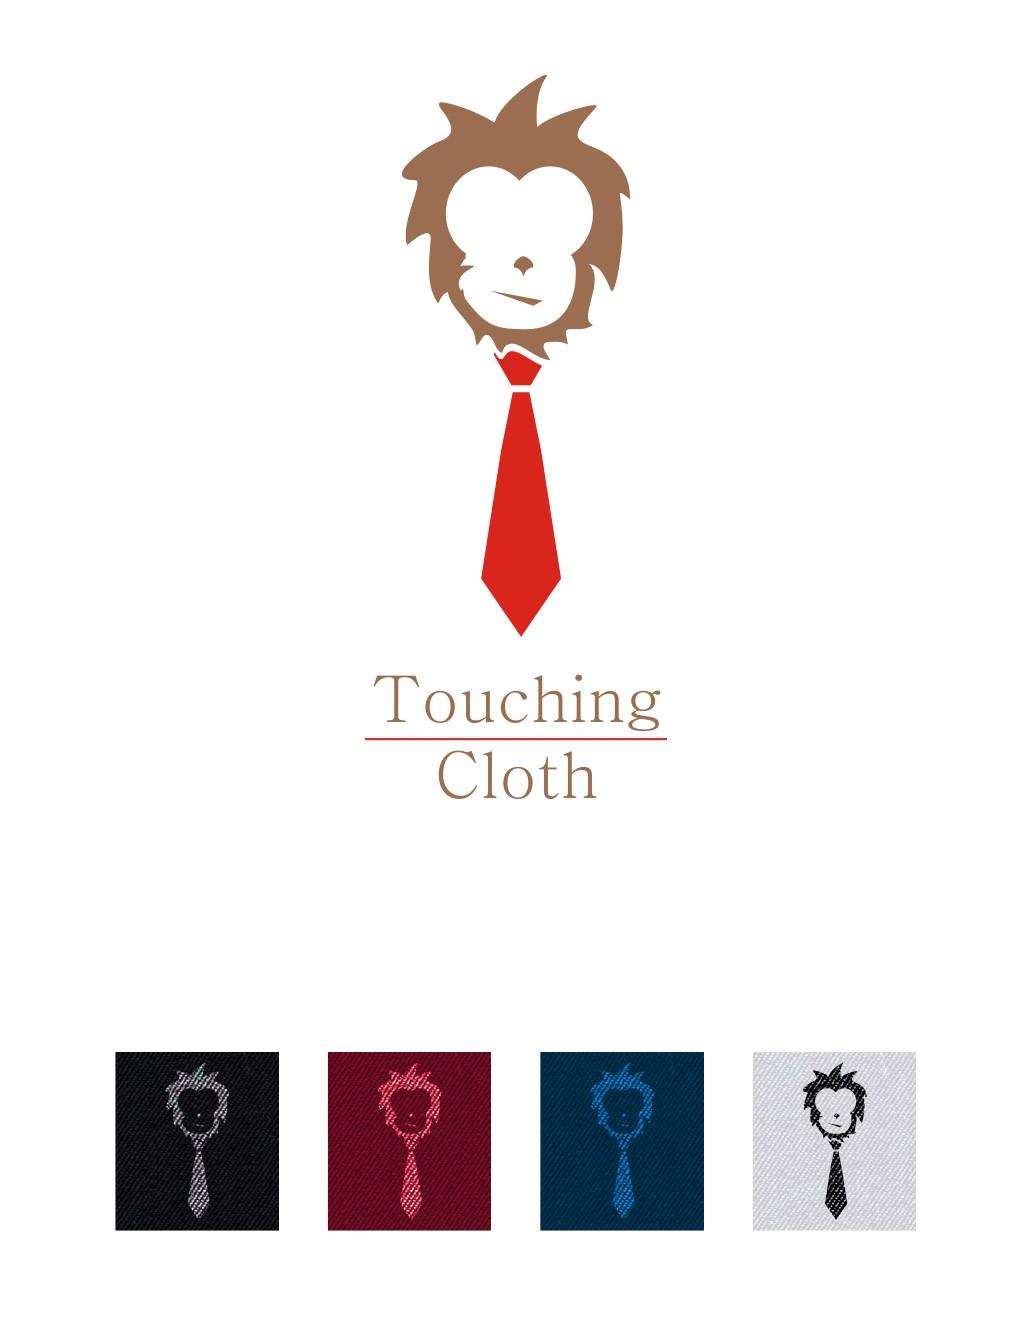 Touching Cloth - Mens Clothing Range Needs Logo + Emblem